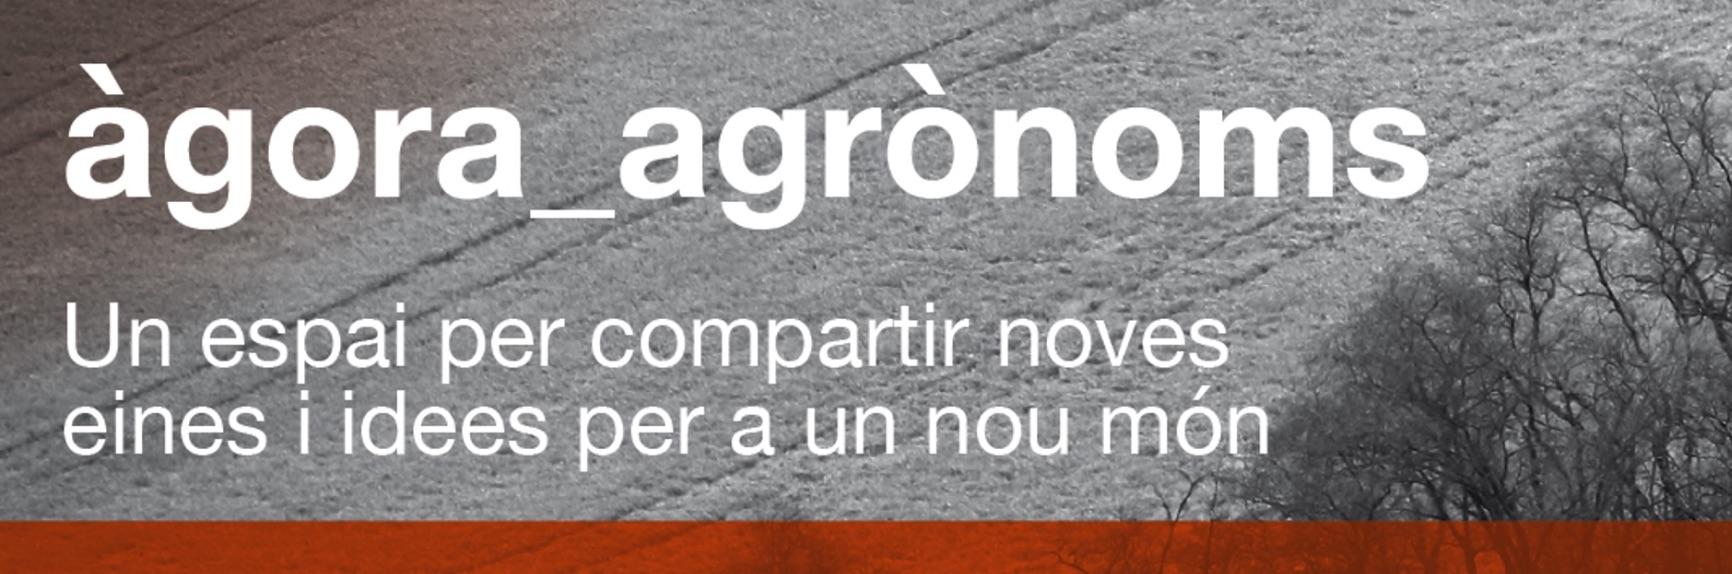 #ágora_agrònoms: un espai per a compartir noves eines i idees per a un món nou